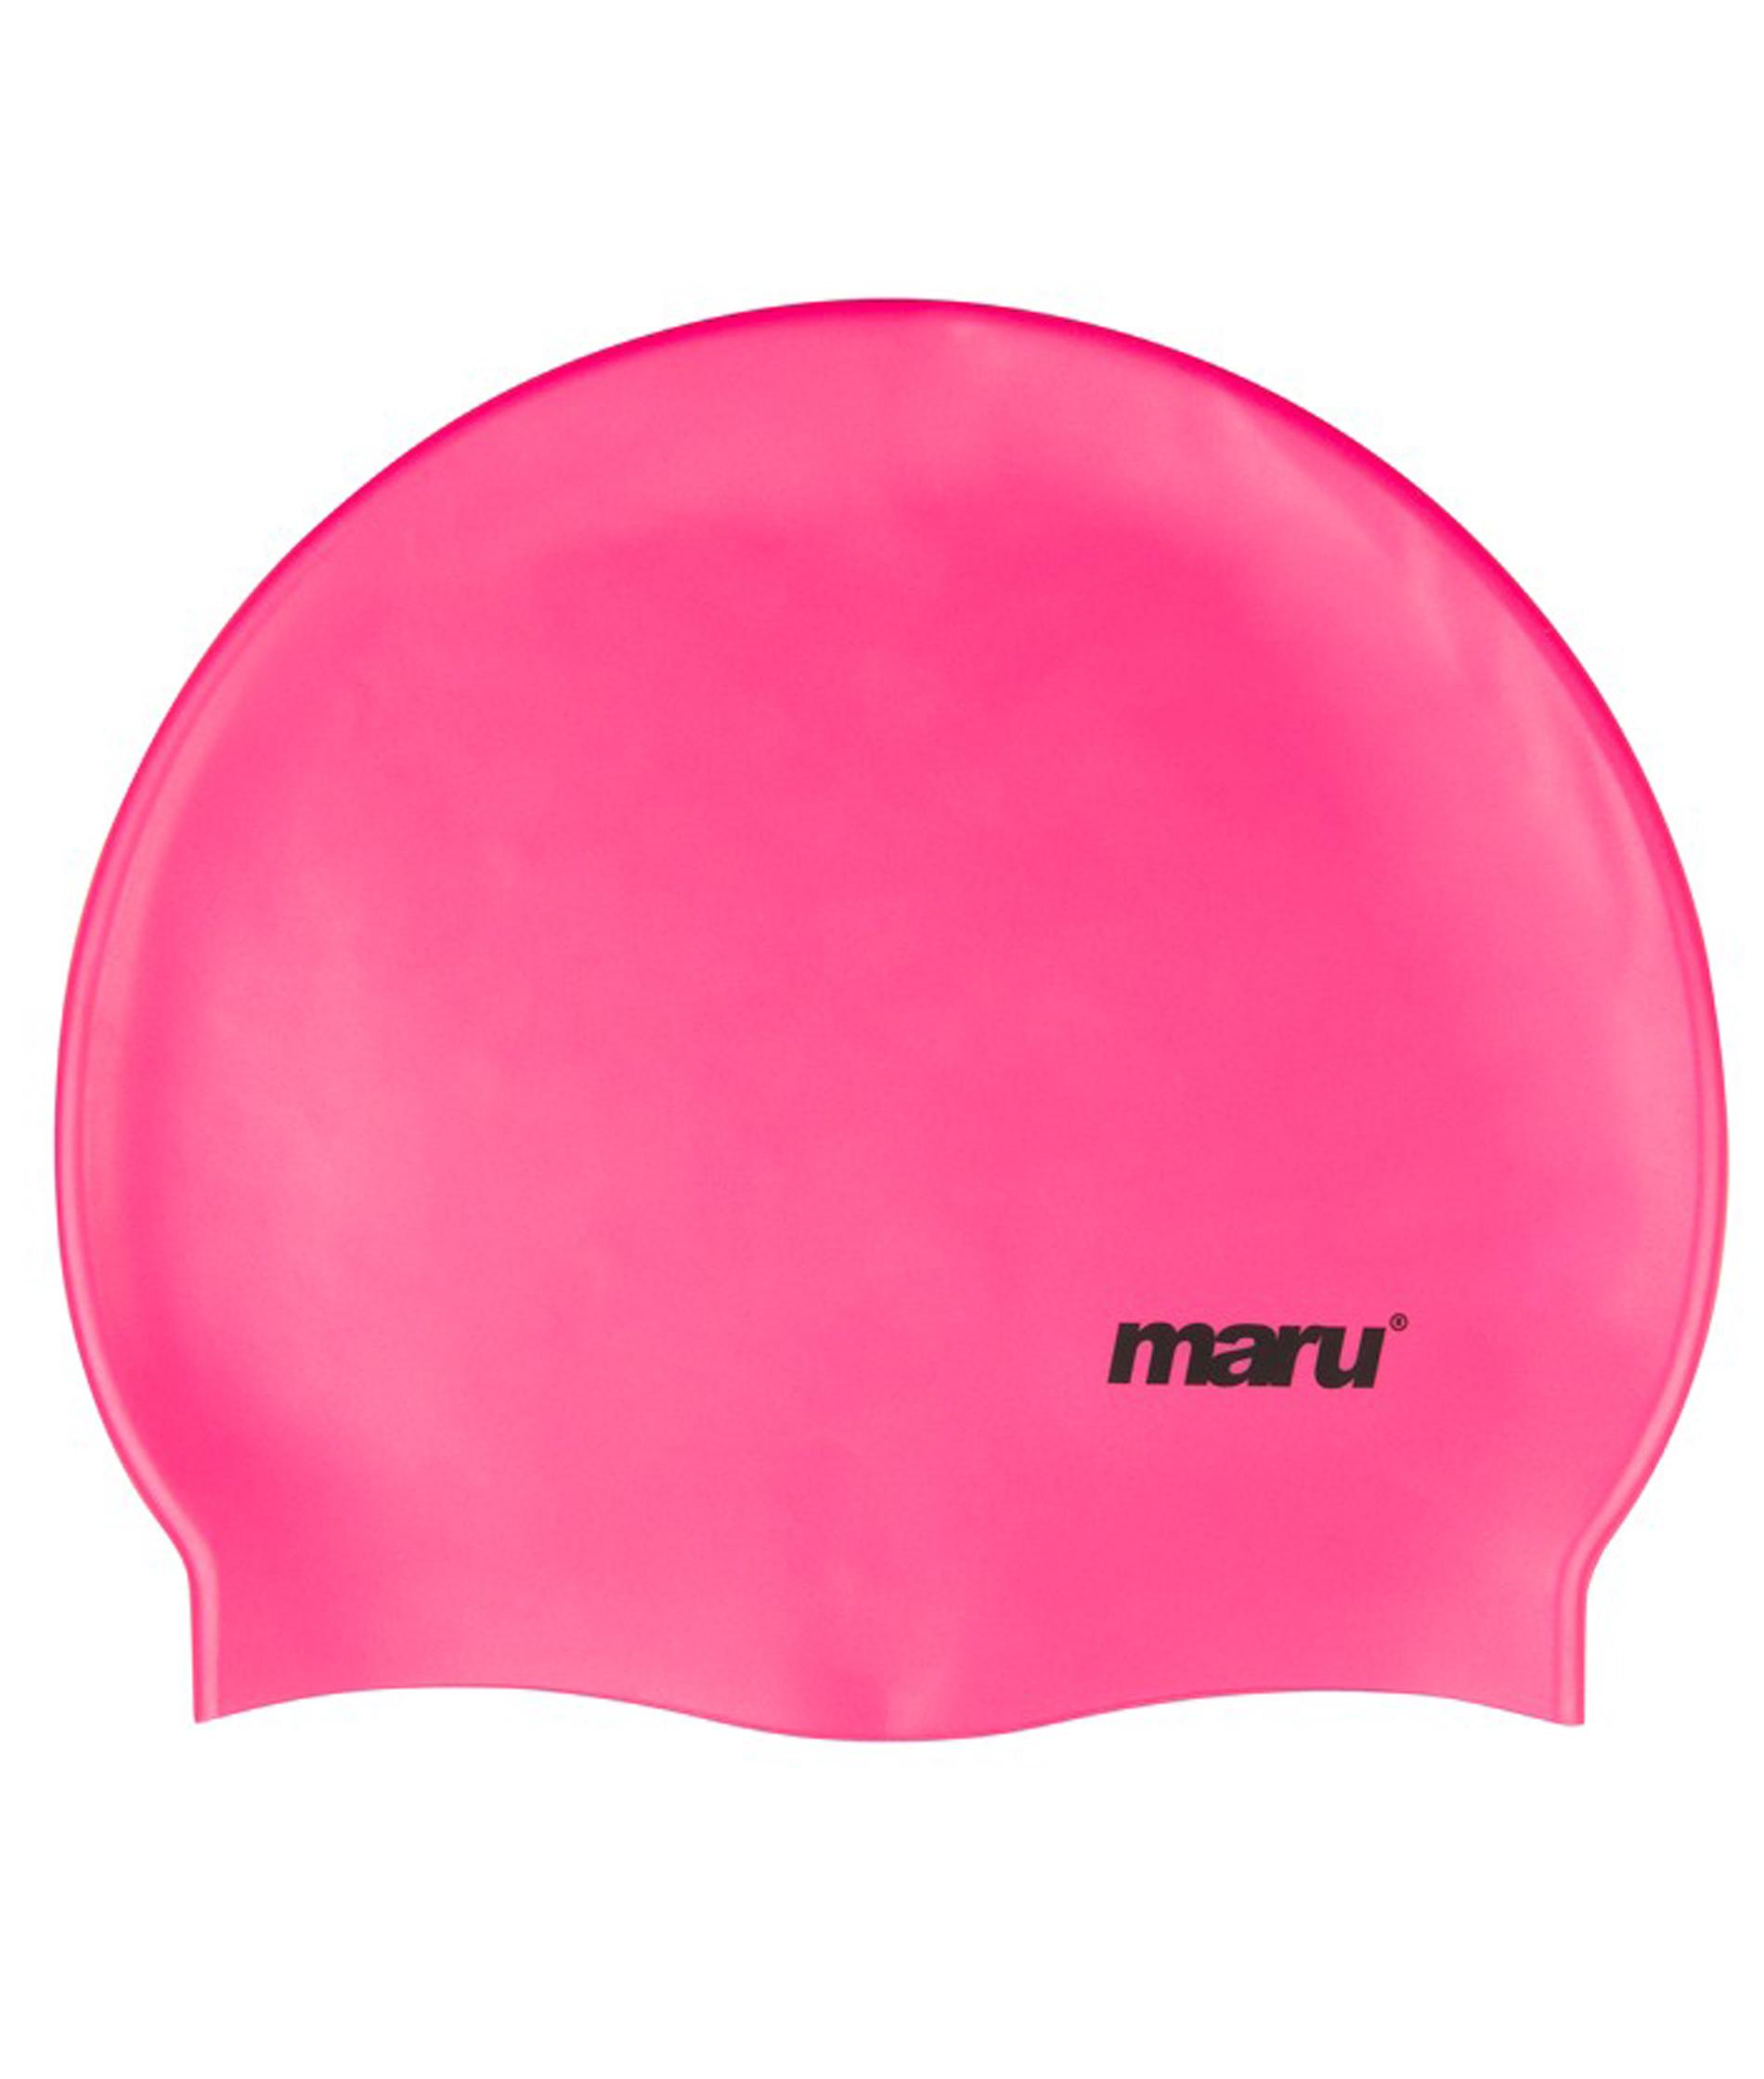 Maru Silicone Swim Cap - Pink